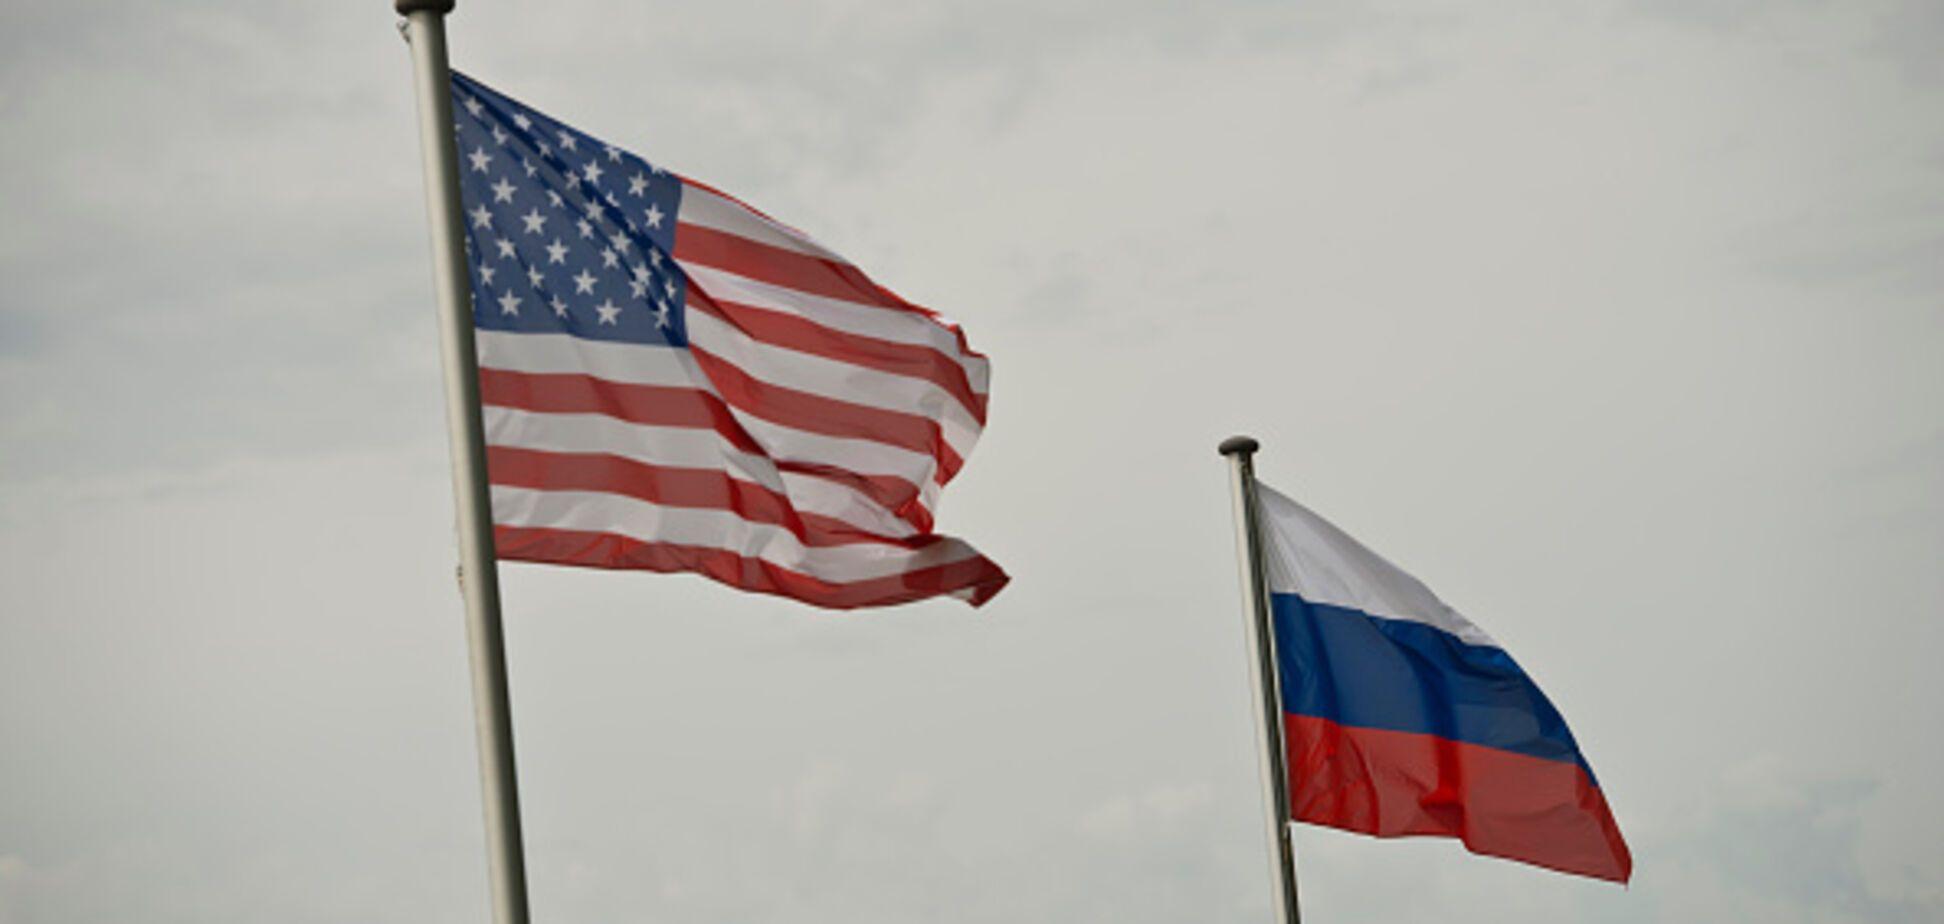 Глава ЦРУ ответил на угрозы Путина в адрес США